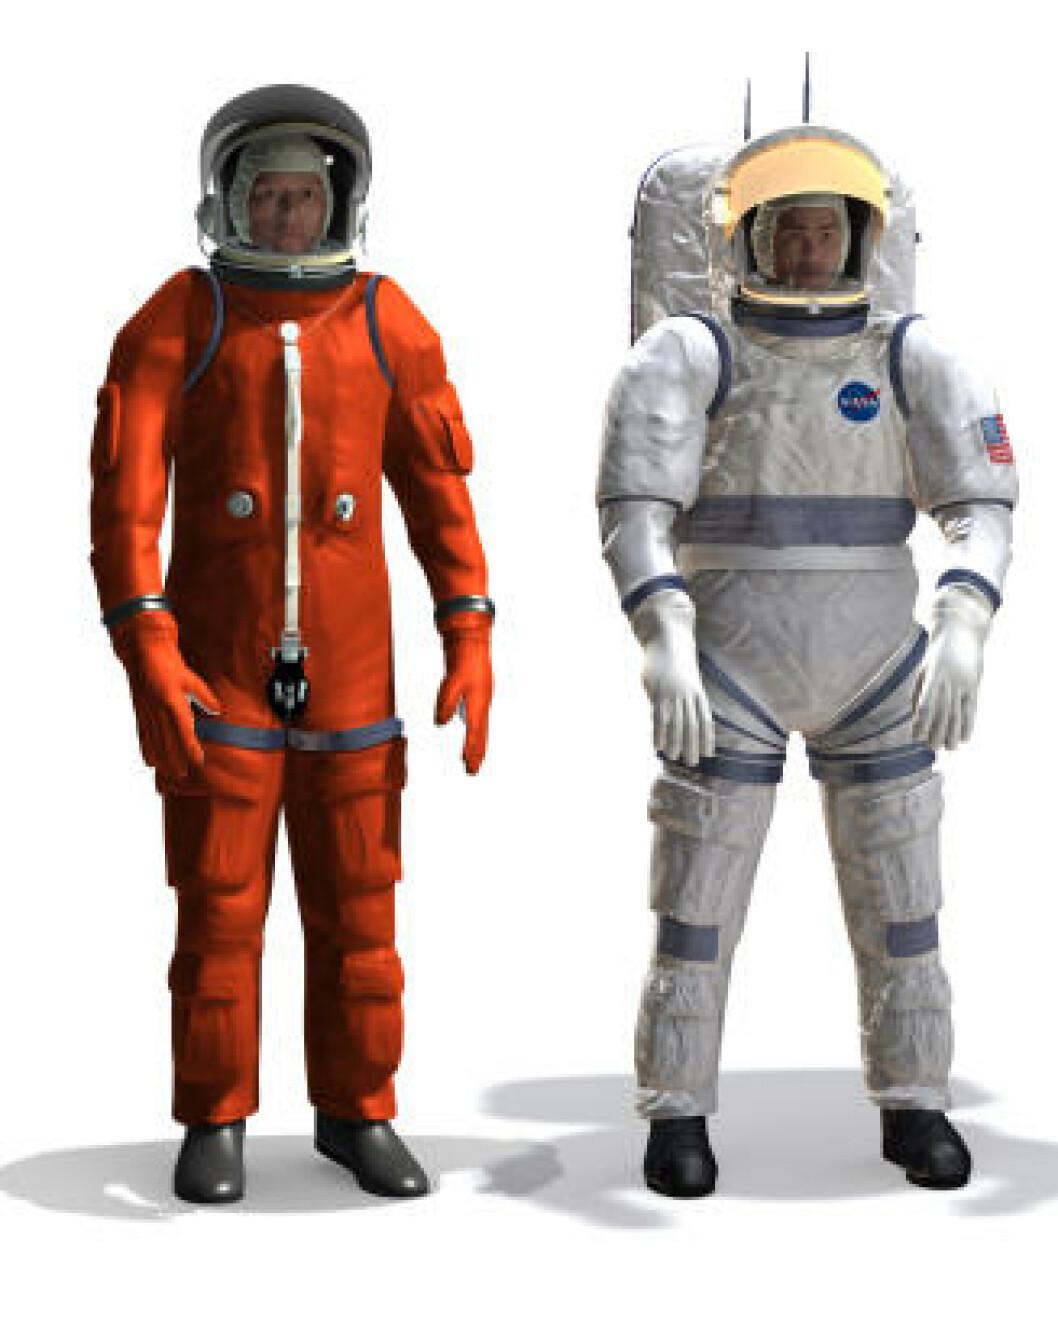 <strong>FRAMTIDA:</strong> NASA planlegger å sende astronauter til månen i 2020. Dette er et eksempel på hvordan framtidas drakter kan se ut. Foto: NASA